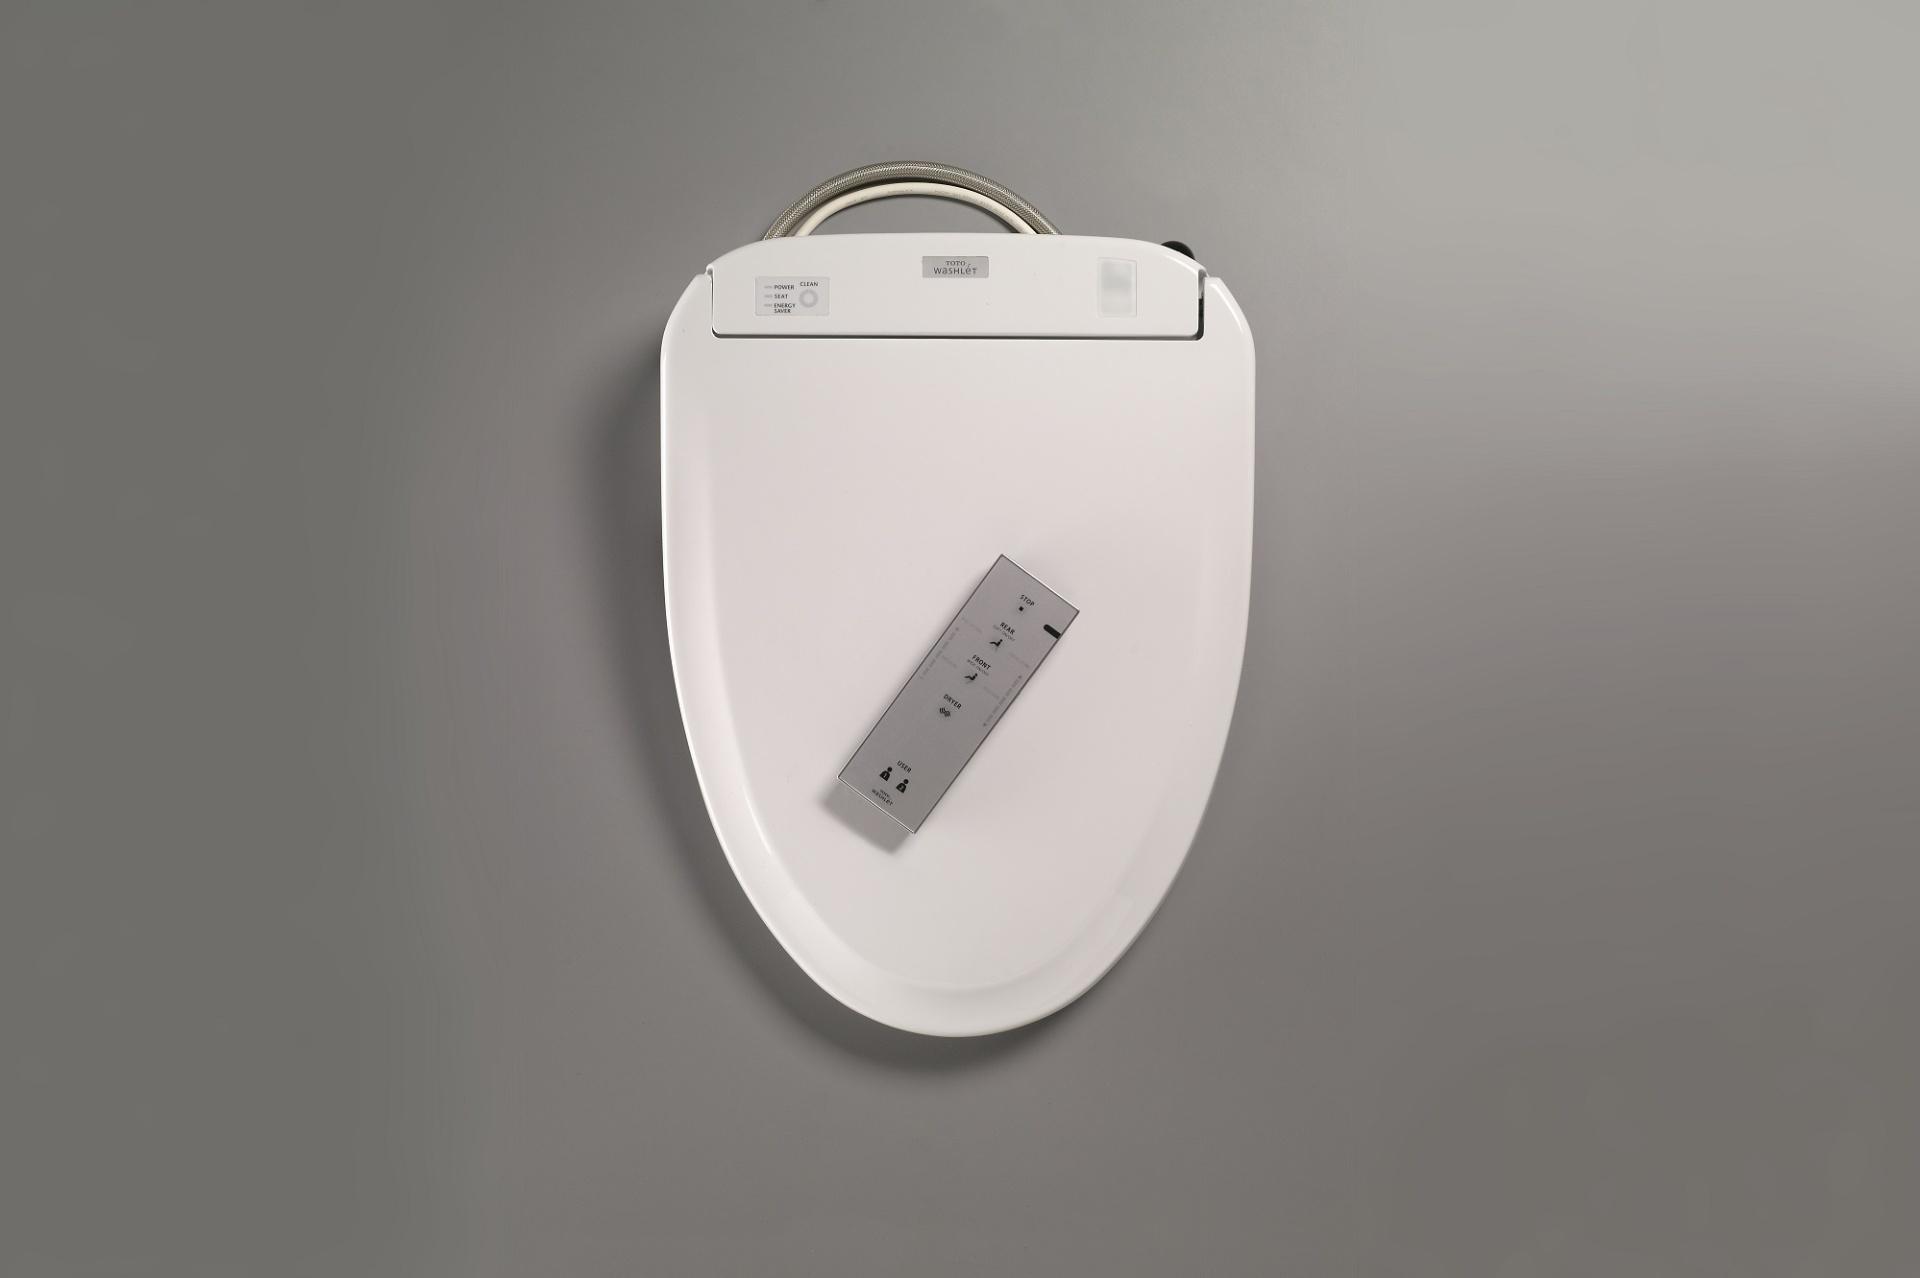 O assento portátil Washelet, da Toto (www.br.toto.com), possui função ajustável da temperatura da superfície para sentar. O produto tem ainda um neutralizador de odor automático e um sistema bactericida para higienizar a bacia. O valor sugerido é R$ 3.990 I Preços pesquisados em julho de 2014 e sujeitos a alterações